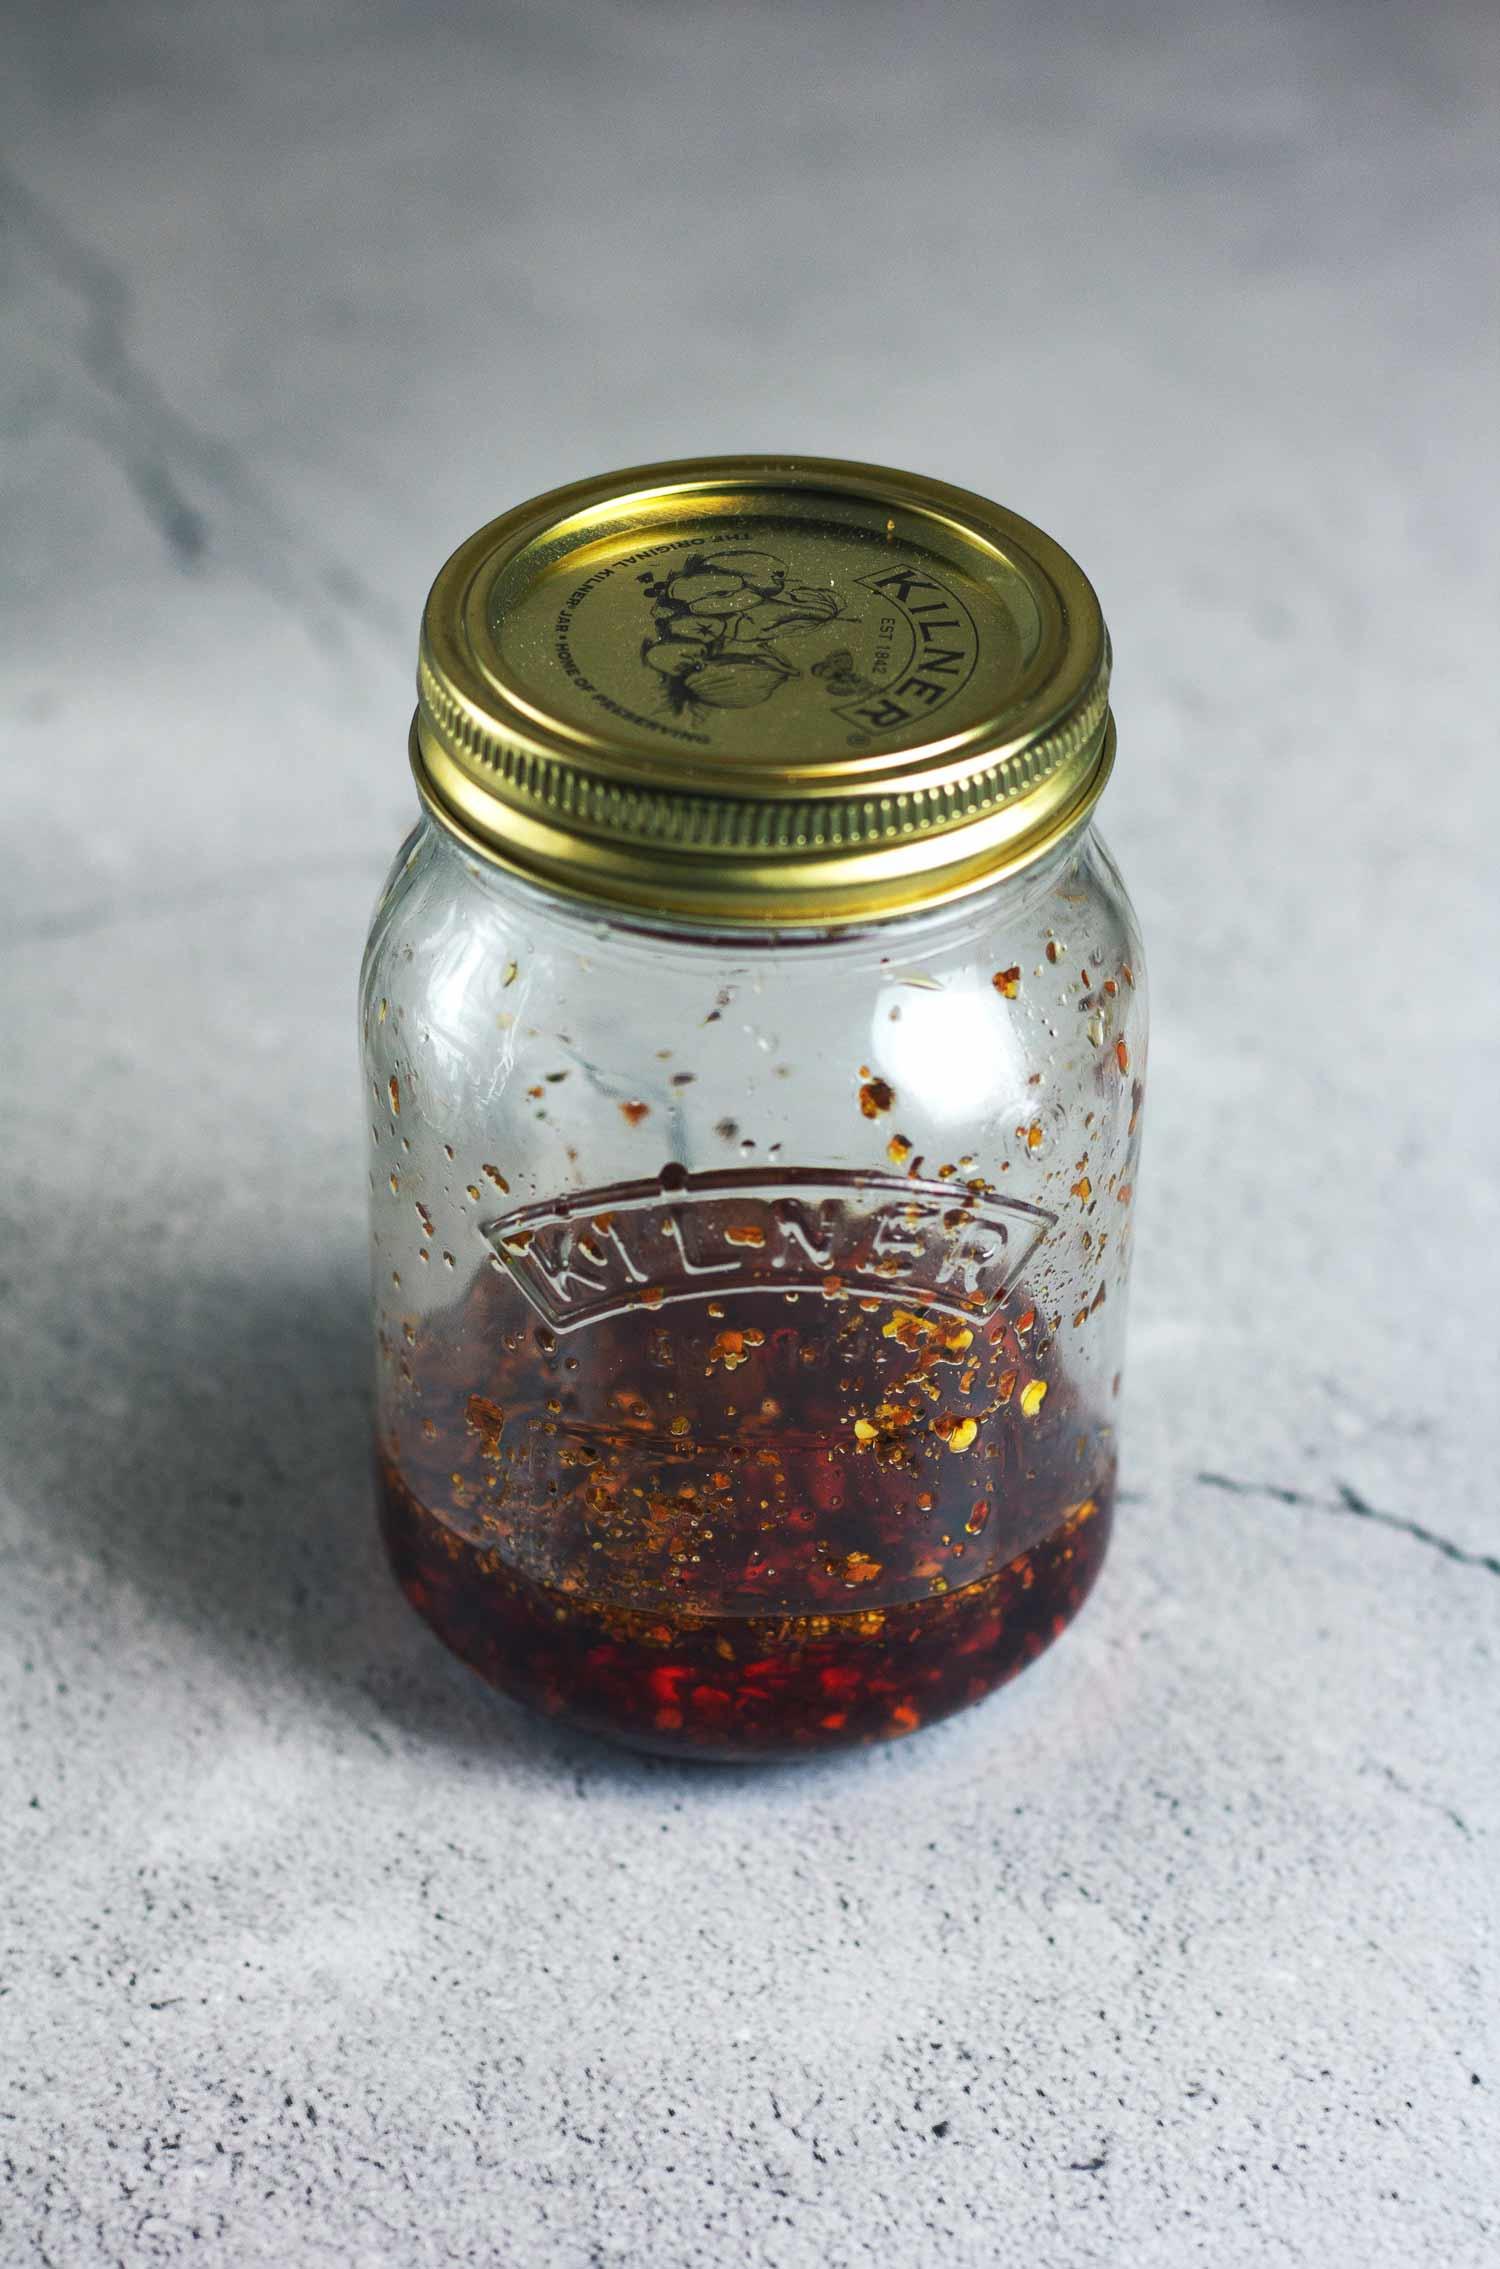 A Kilner jar of chilli oil